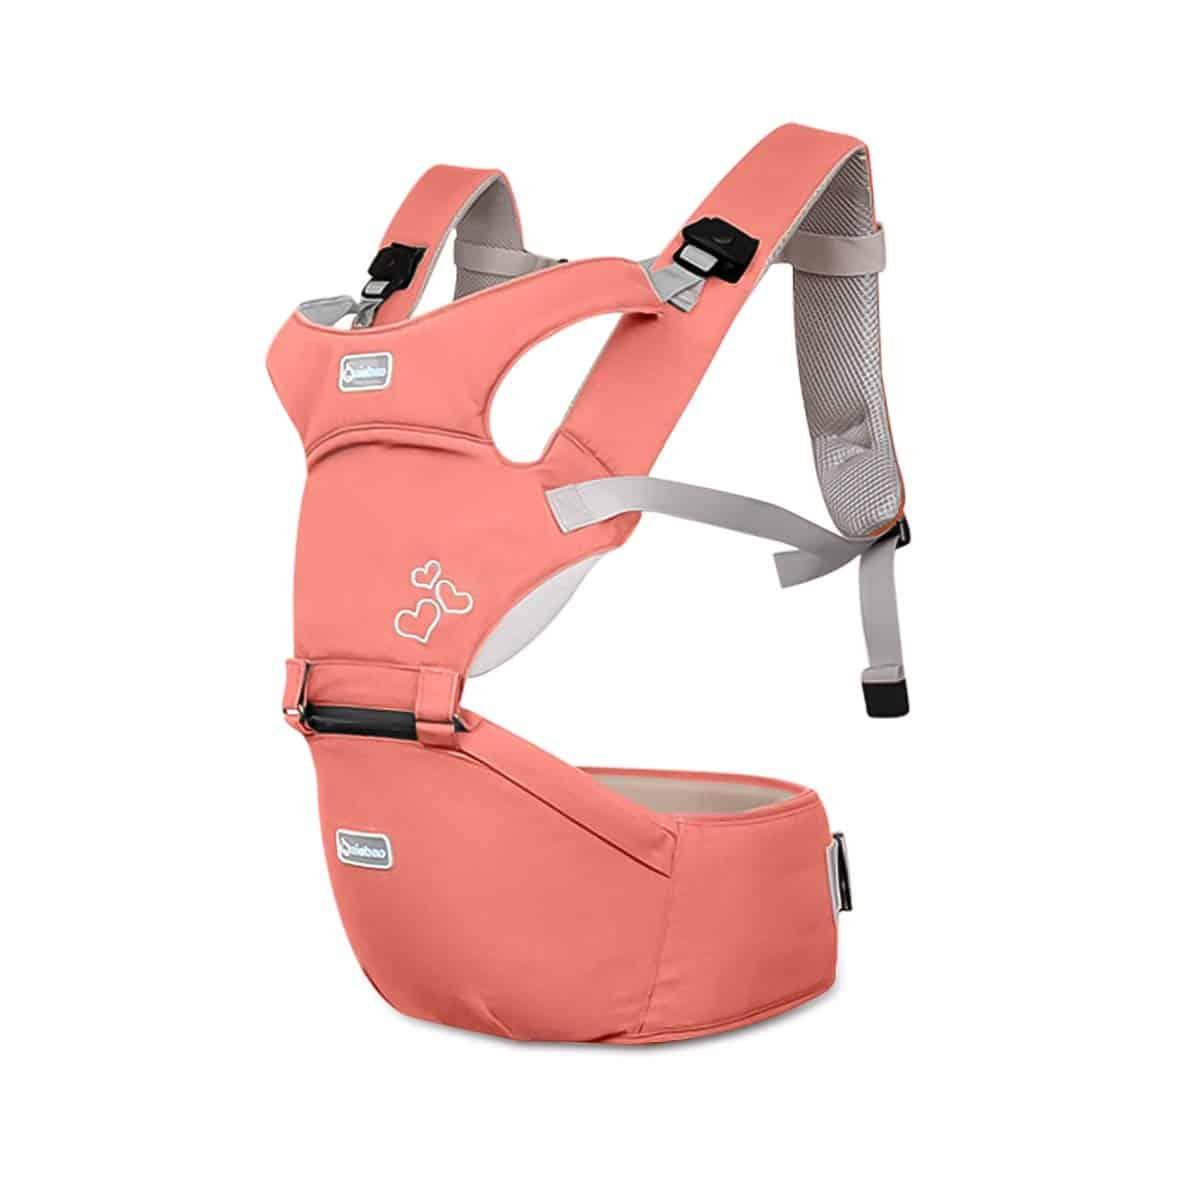 Ce modèle de Sonarin permet de prendre bébé dans les bras sans que cela ne pèse pour le porteur.